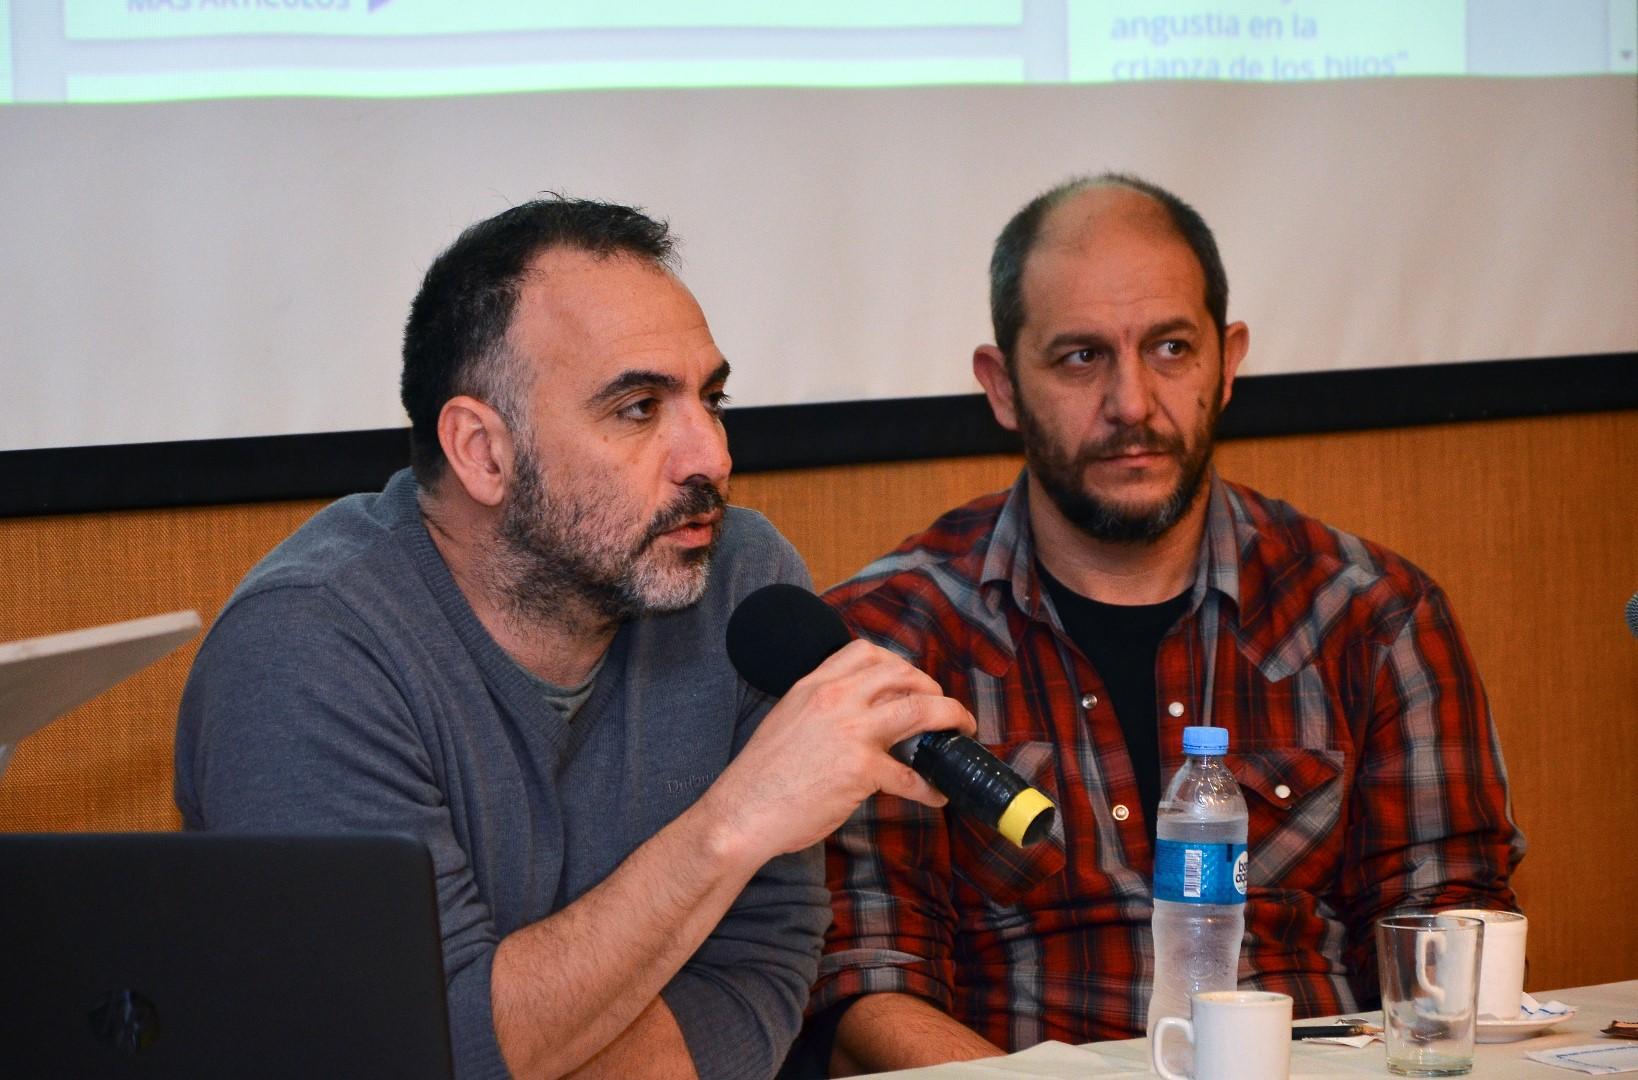 """Los alumnos de Producción Artística analizaron el corto """"La expresión del deseo"""" de la mano de sus realizadores Caetano y Apezteguia"""